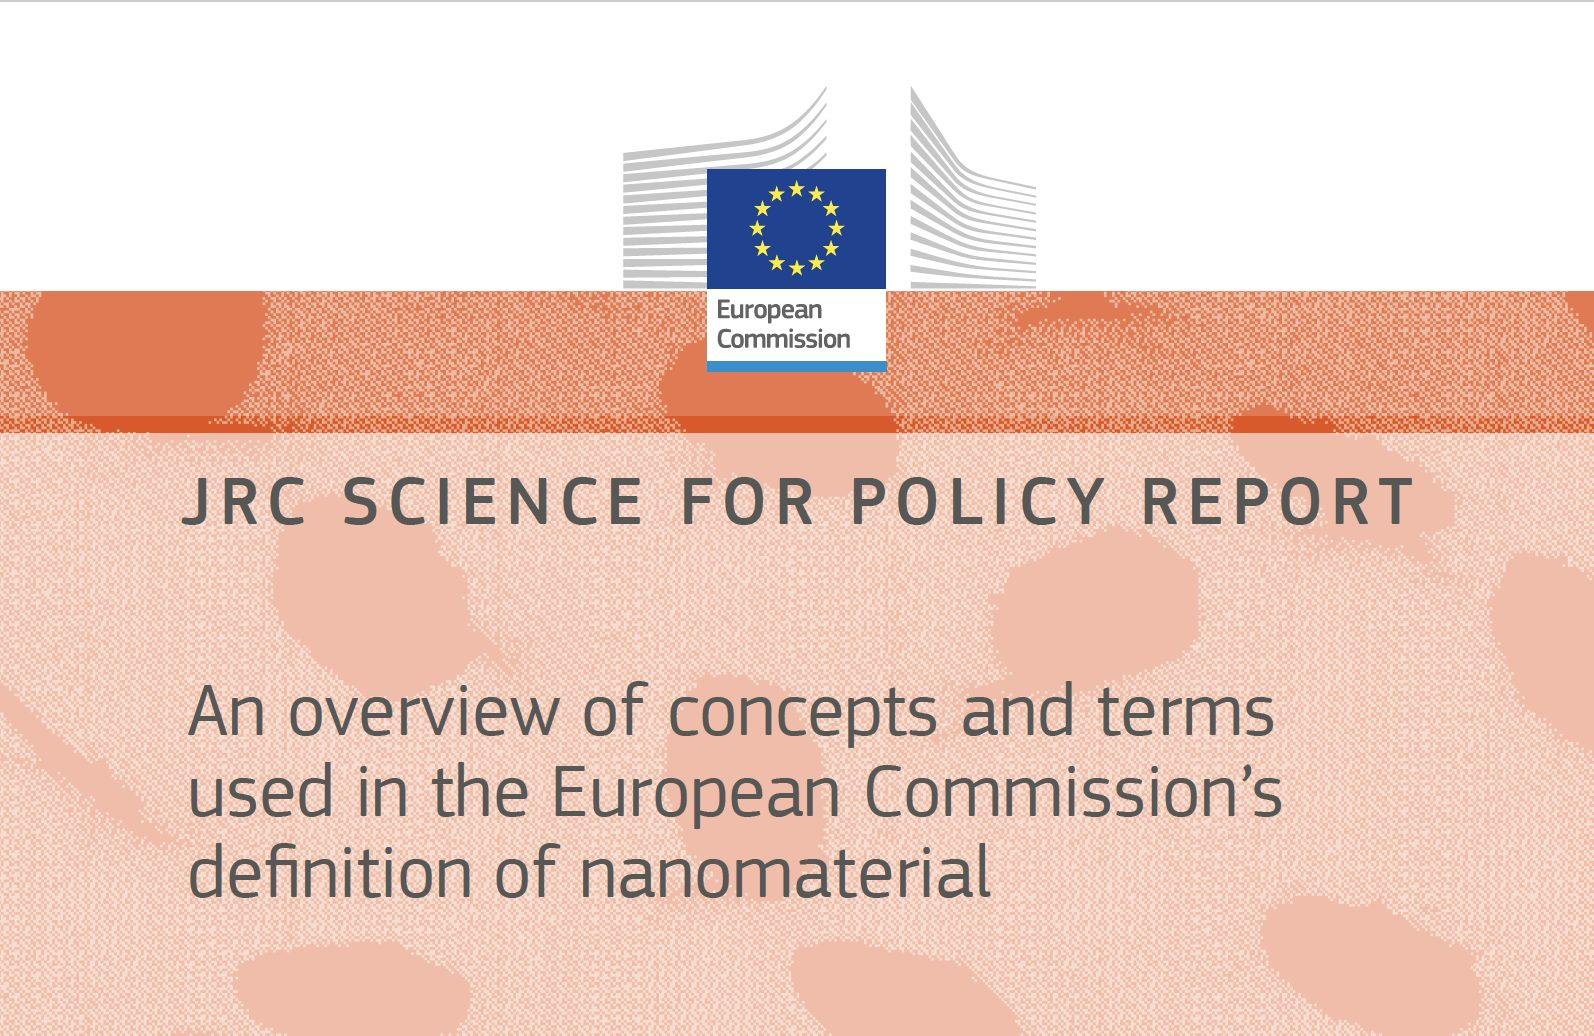 Nueva publicación del Centro Común de Investigación de la Comisión Europea sobre la definición de nanomateriales